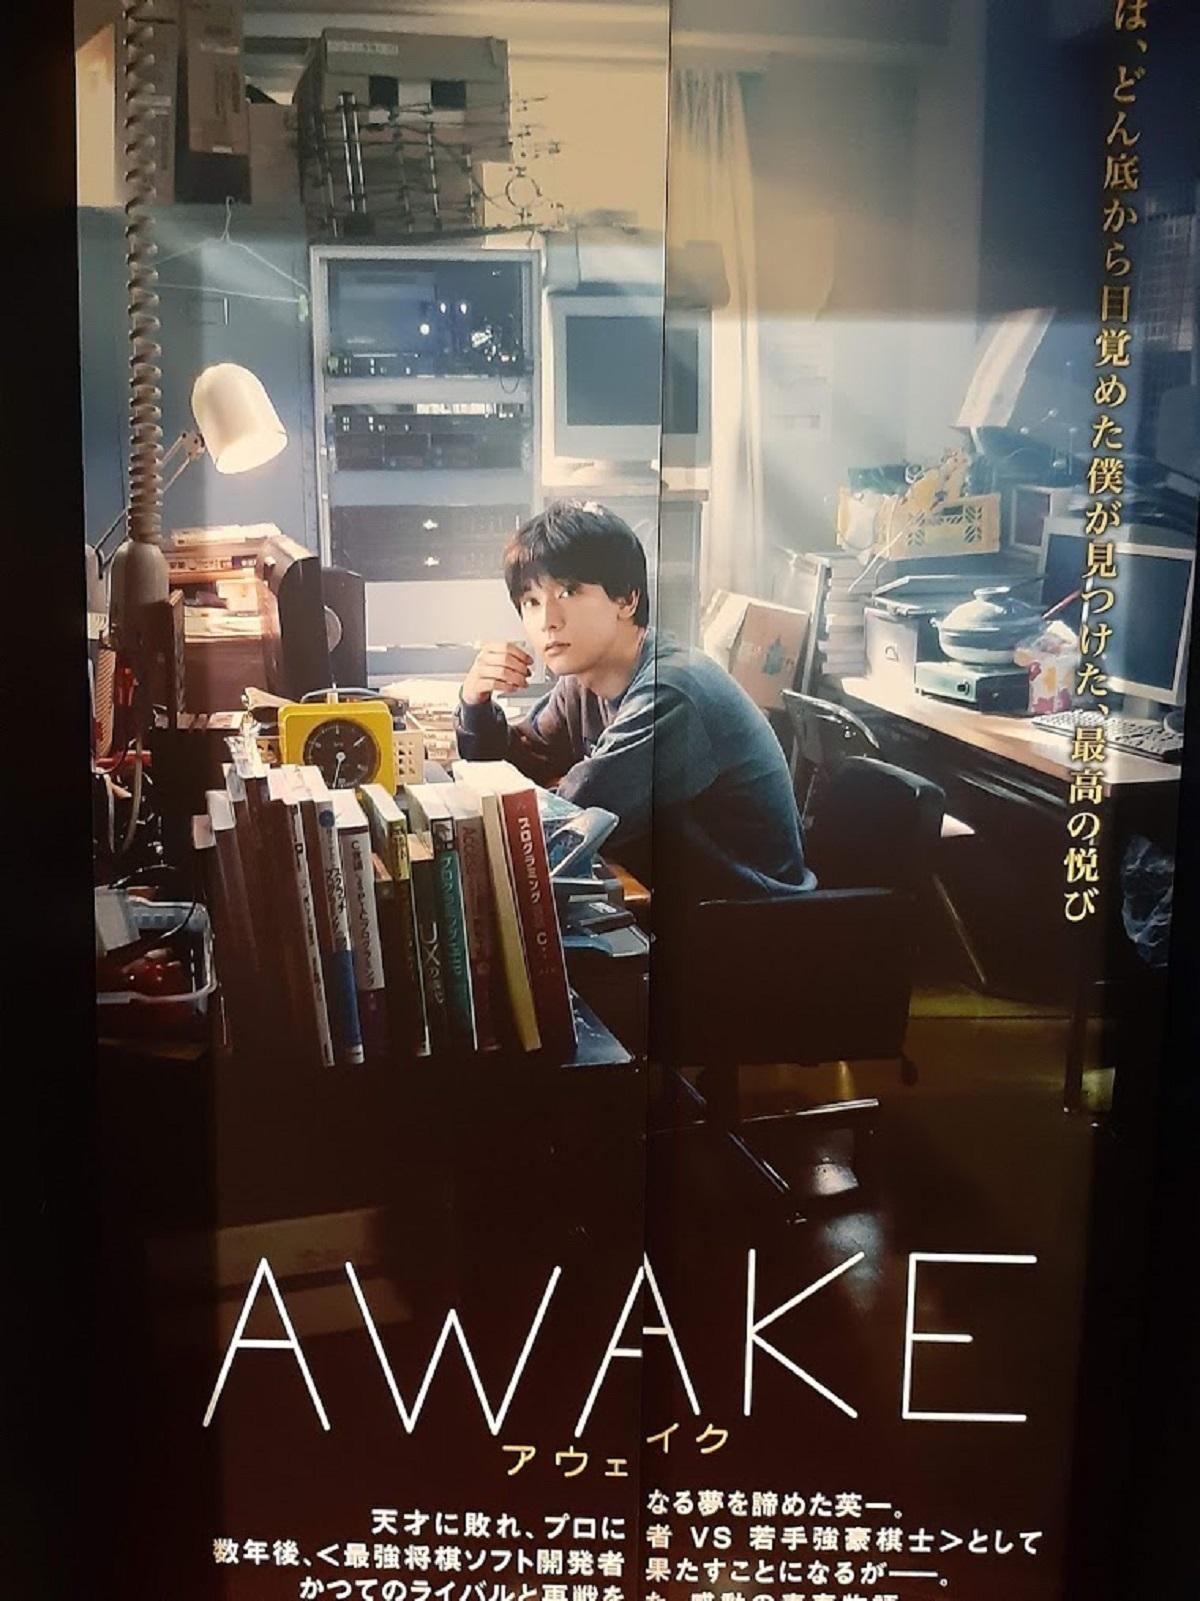 映画『AWAKE』のポスター